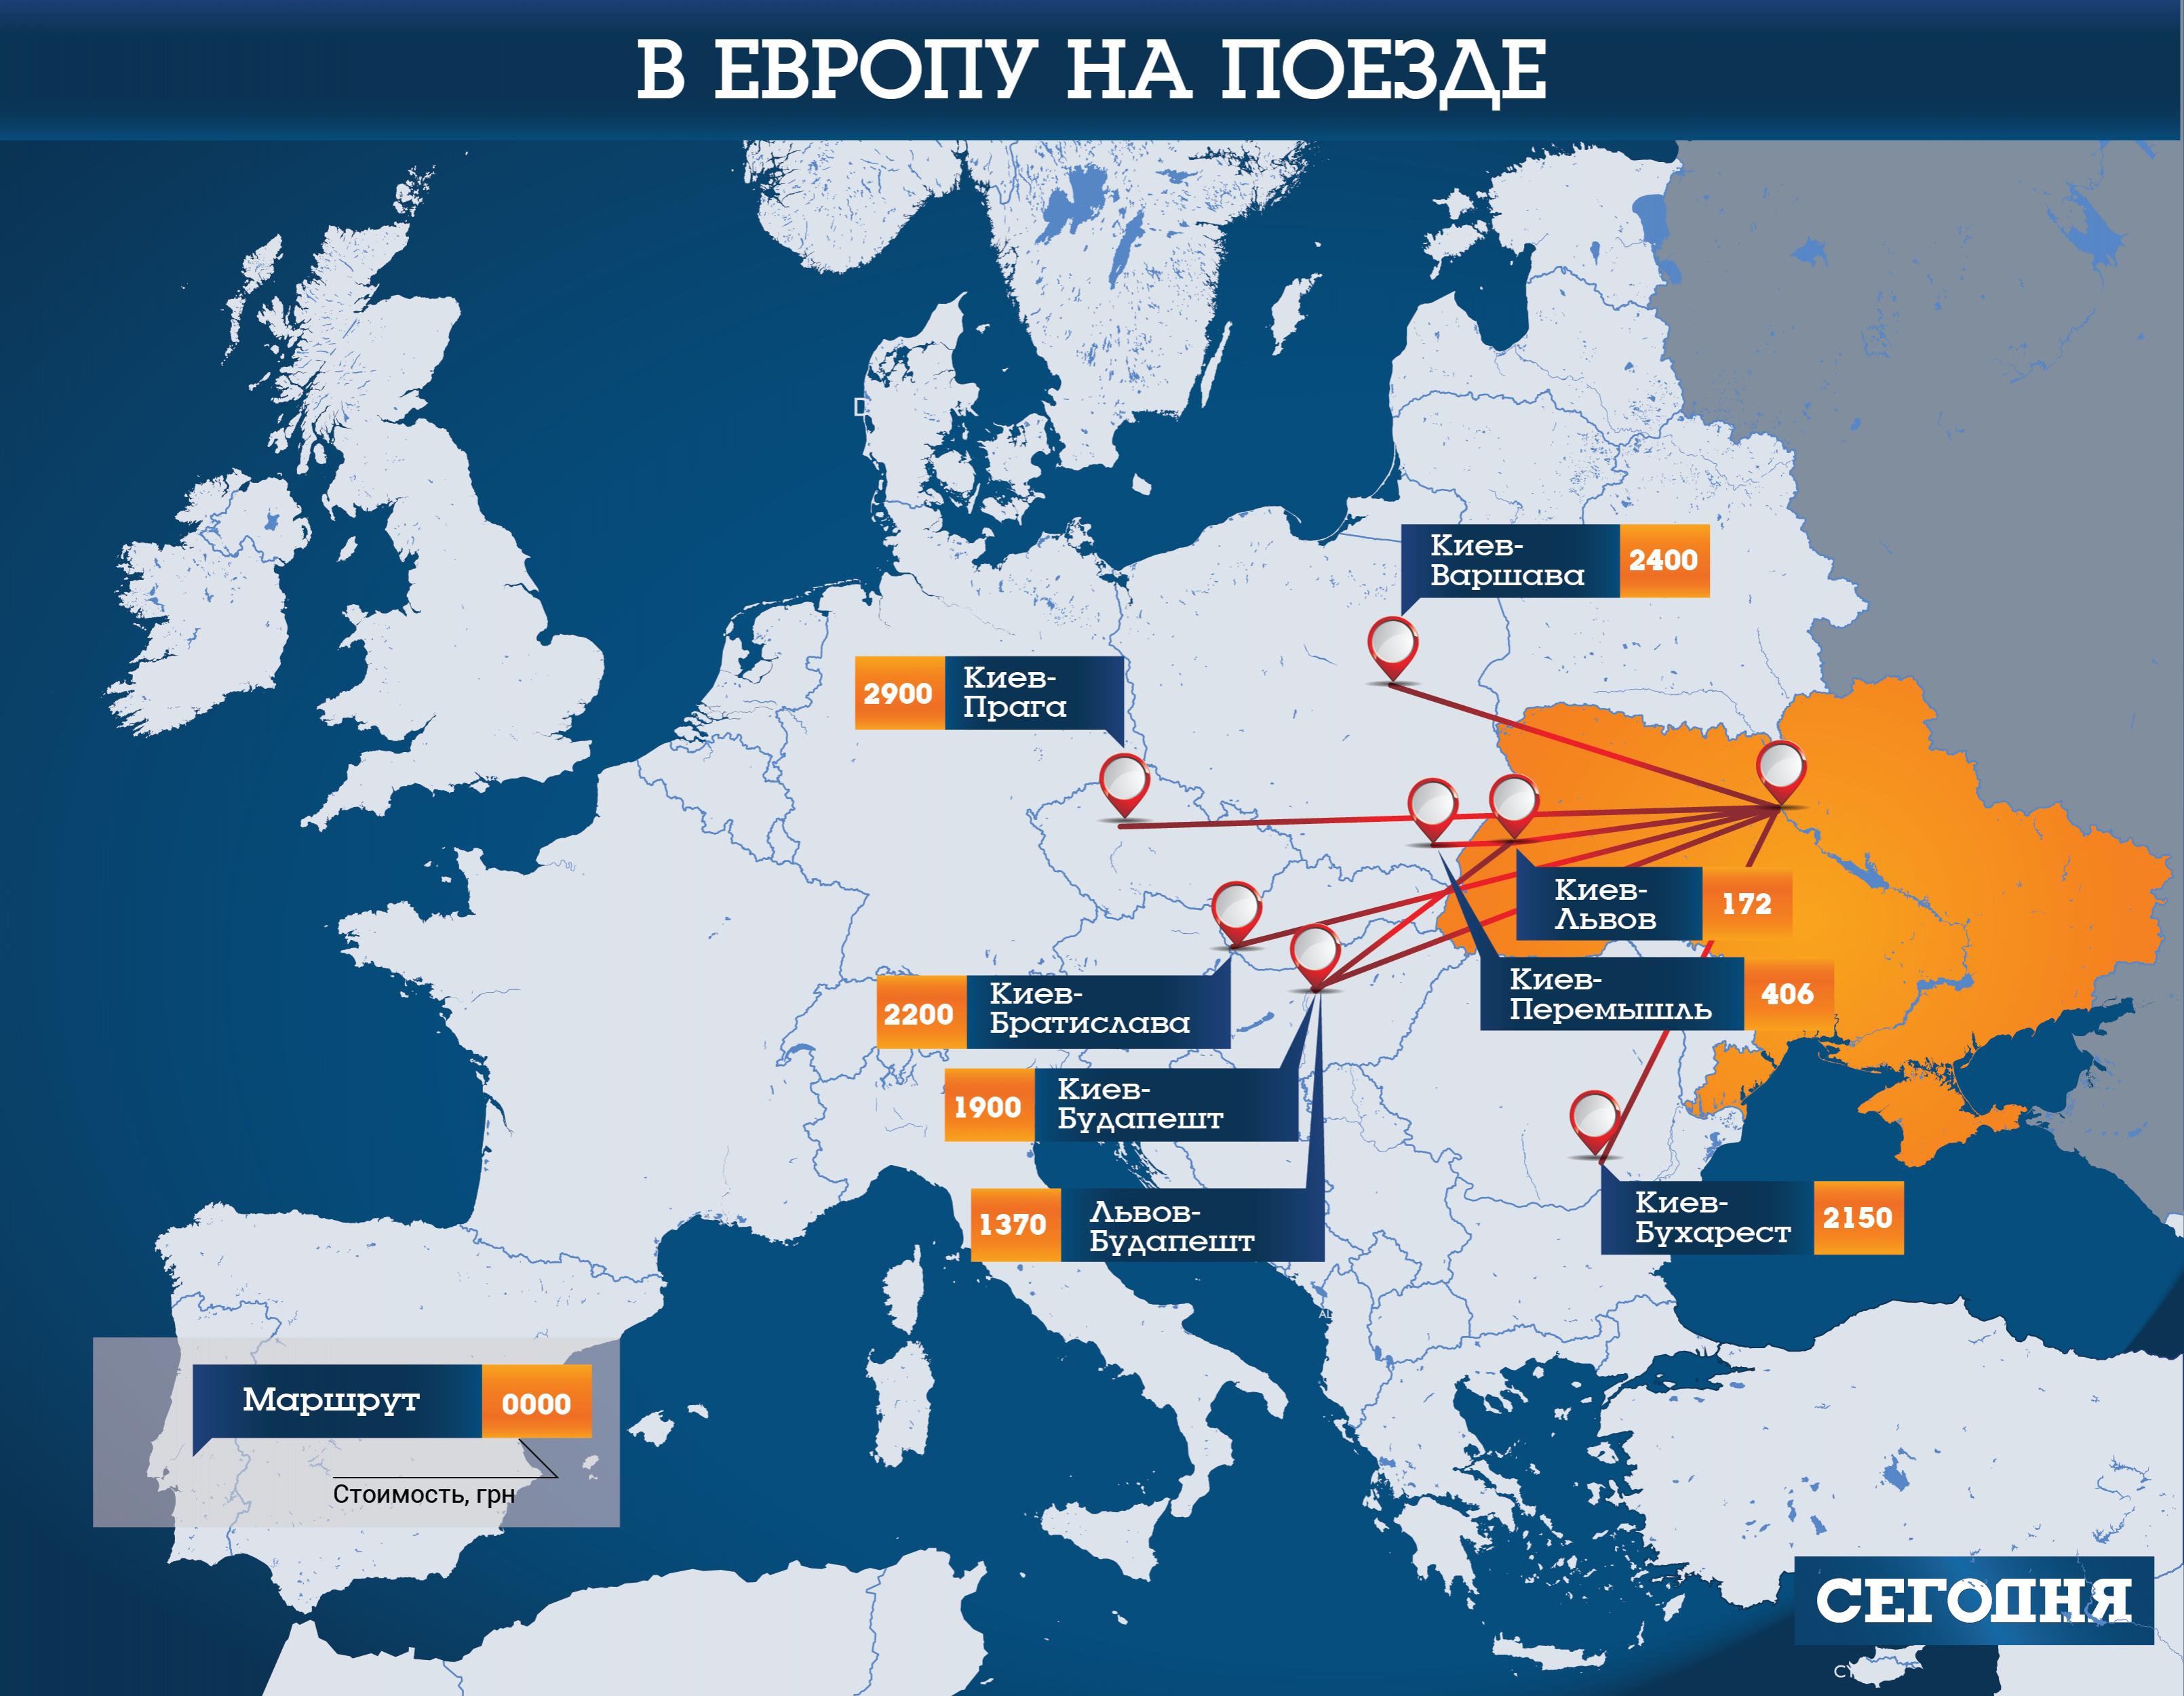 Минимальные цены в Европу на поезде